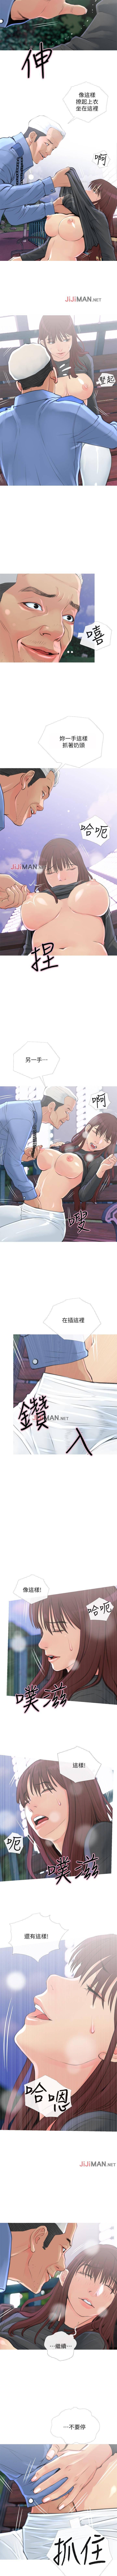 【周五连载】主妇危机(作者:查爾斯&漢水) 第1~26话 38